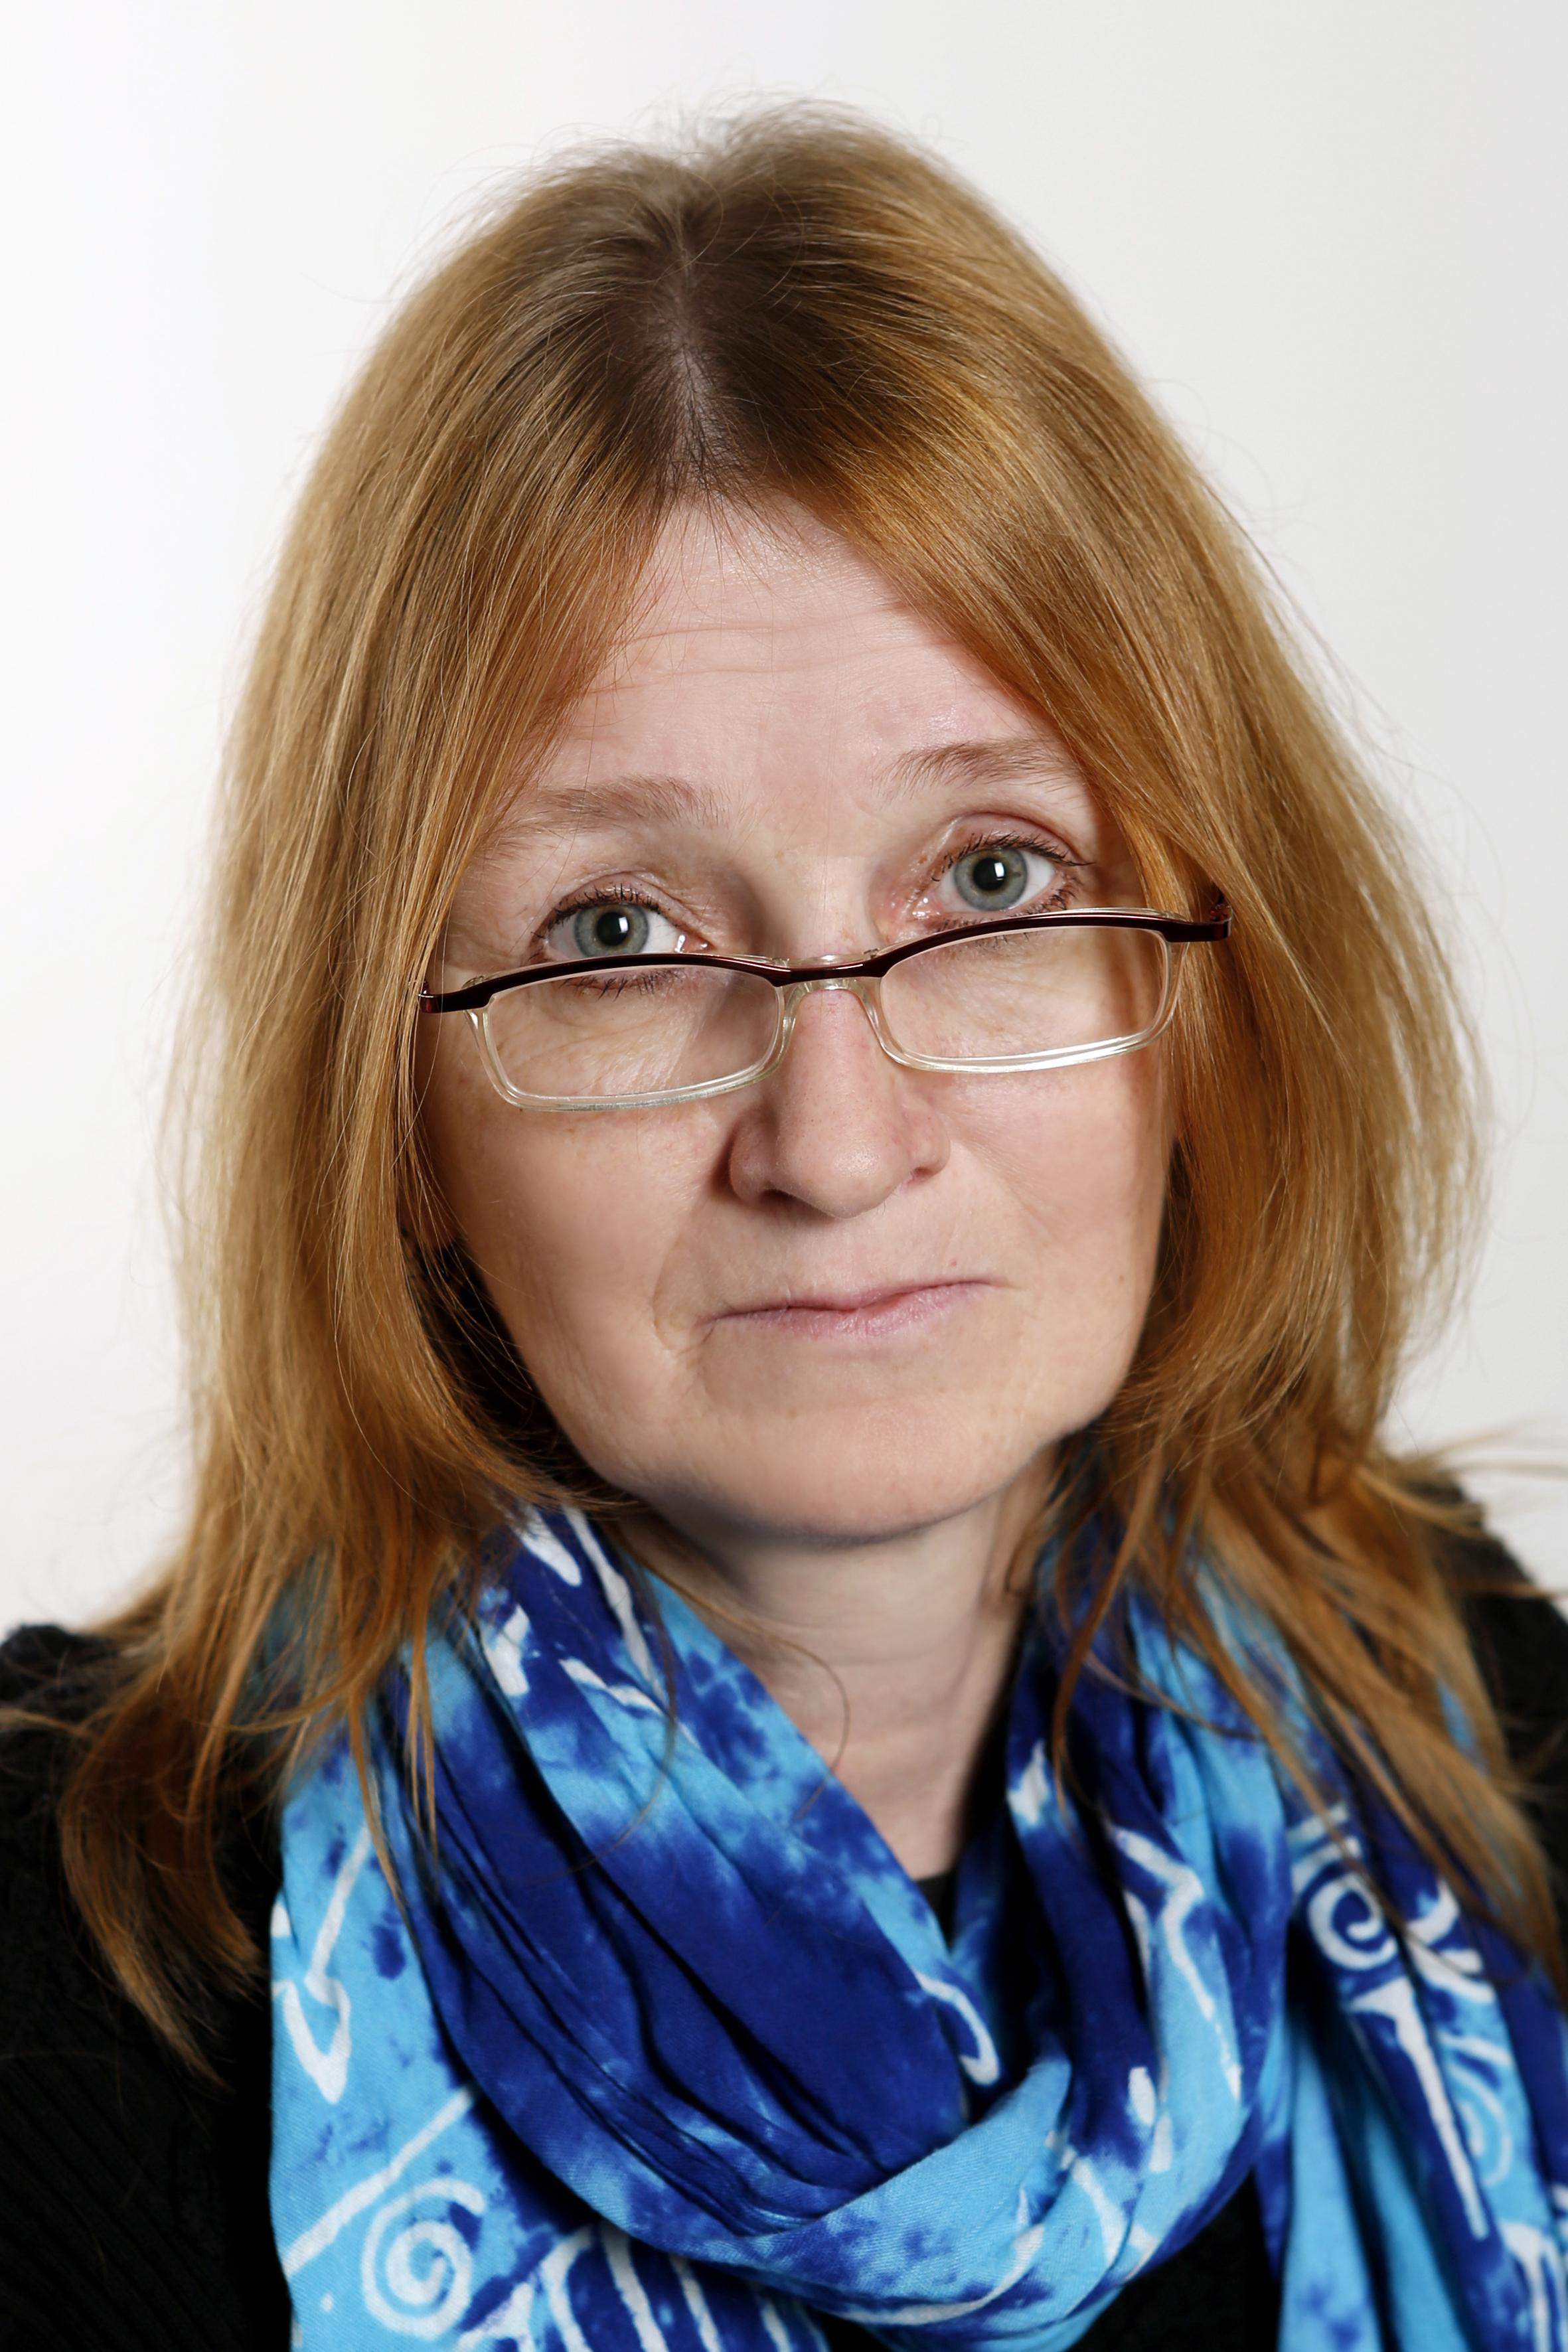 Uršula Klimszová